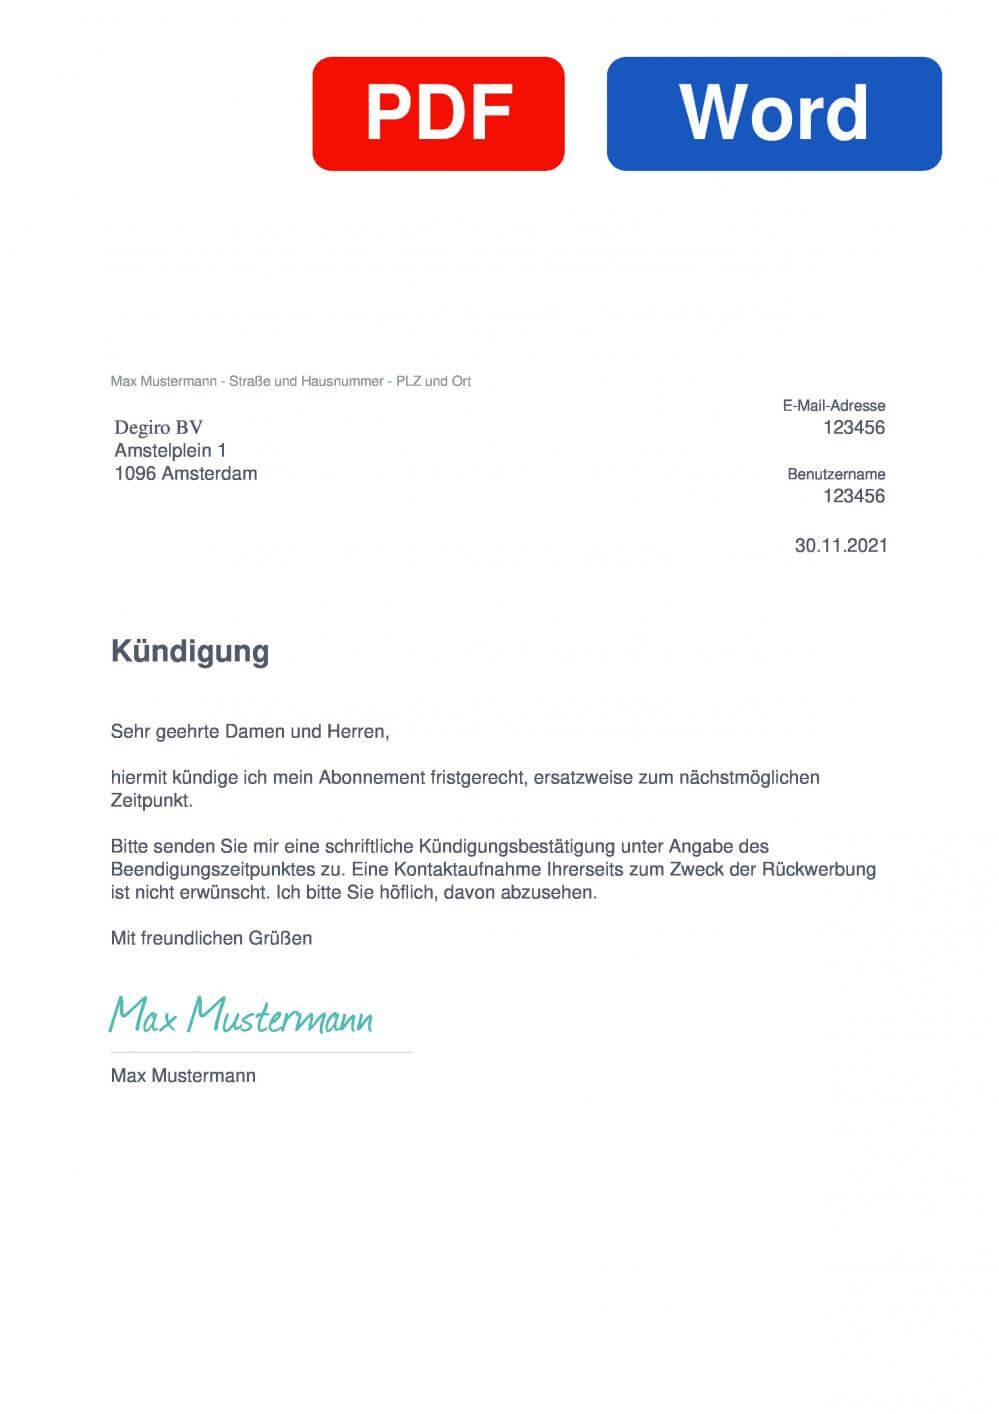 DEGIRO Muster Vorlage für Kündigungsschreiben